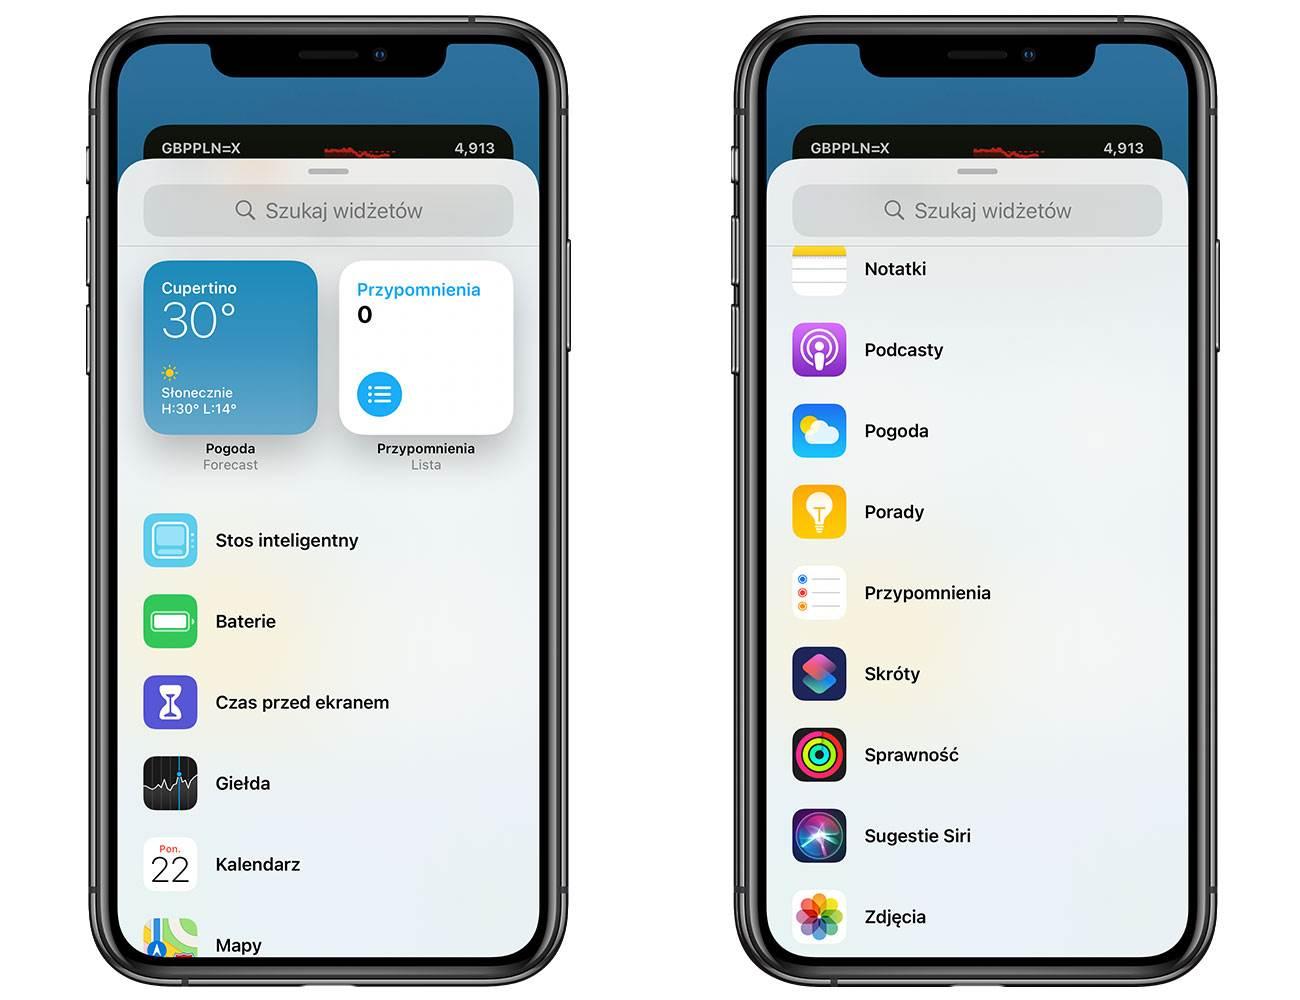 iOS 14 - polskie screeny polecane, ciekawostki zrzuty ekranu, screeny, polskie screeny z iOS 14 beta 1, polskie screeny z iOS 14, jak wygląda iOS 14 beta, jak wyglada iOS 14, iOS 14 z bliska, iOS 14 screeny, iOS 14 beta screeny, iOS, Apple  Pierwsza beta iOS 14 jest już w naszych rękach, więc przygotowaliśmy dla Was polskie screeny z najnowszej wersji iOS. iOS14beta1 5